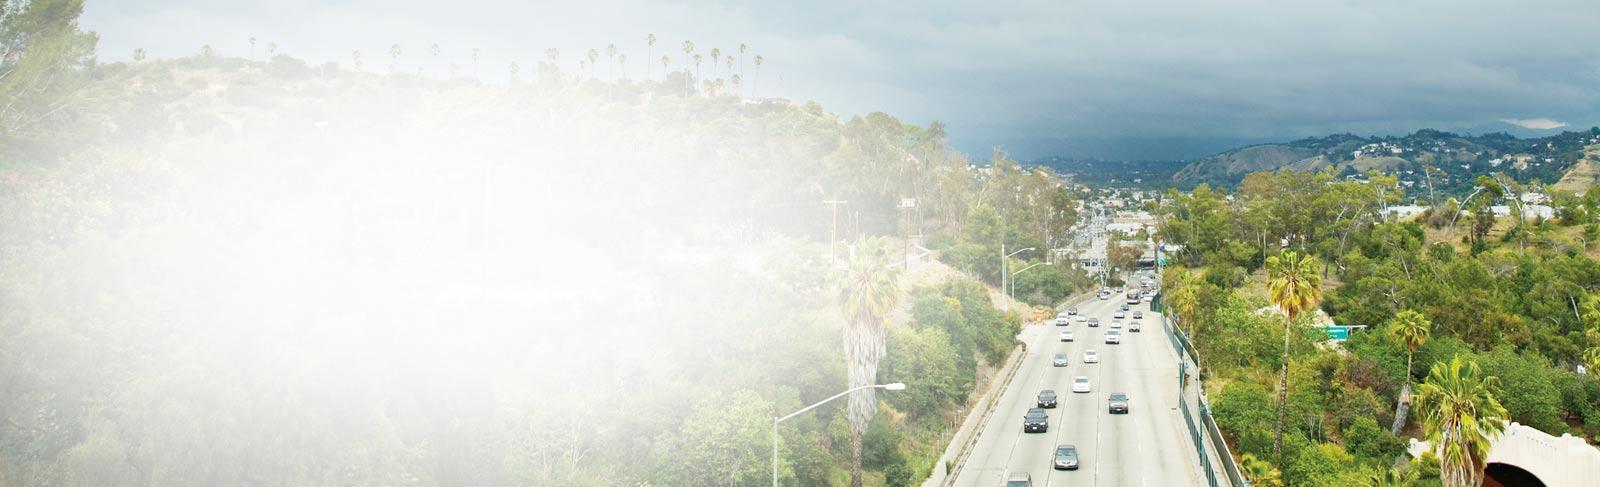 ทางด่วนมุ่งเข้าสู่เมือง อ่านเรื่องราวของลูกค้า SharePoint 2013 จากทั่วทุกมุมโลก